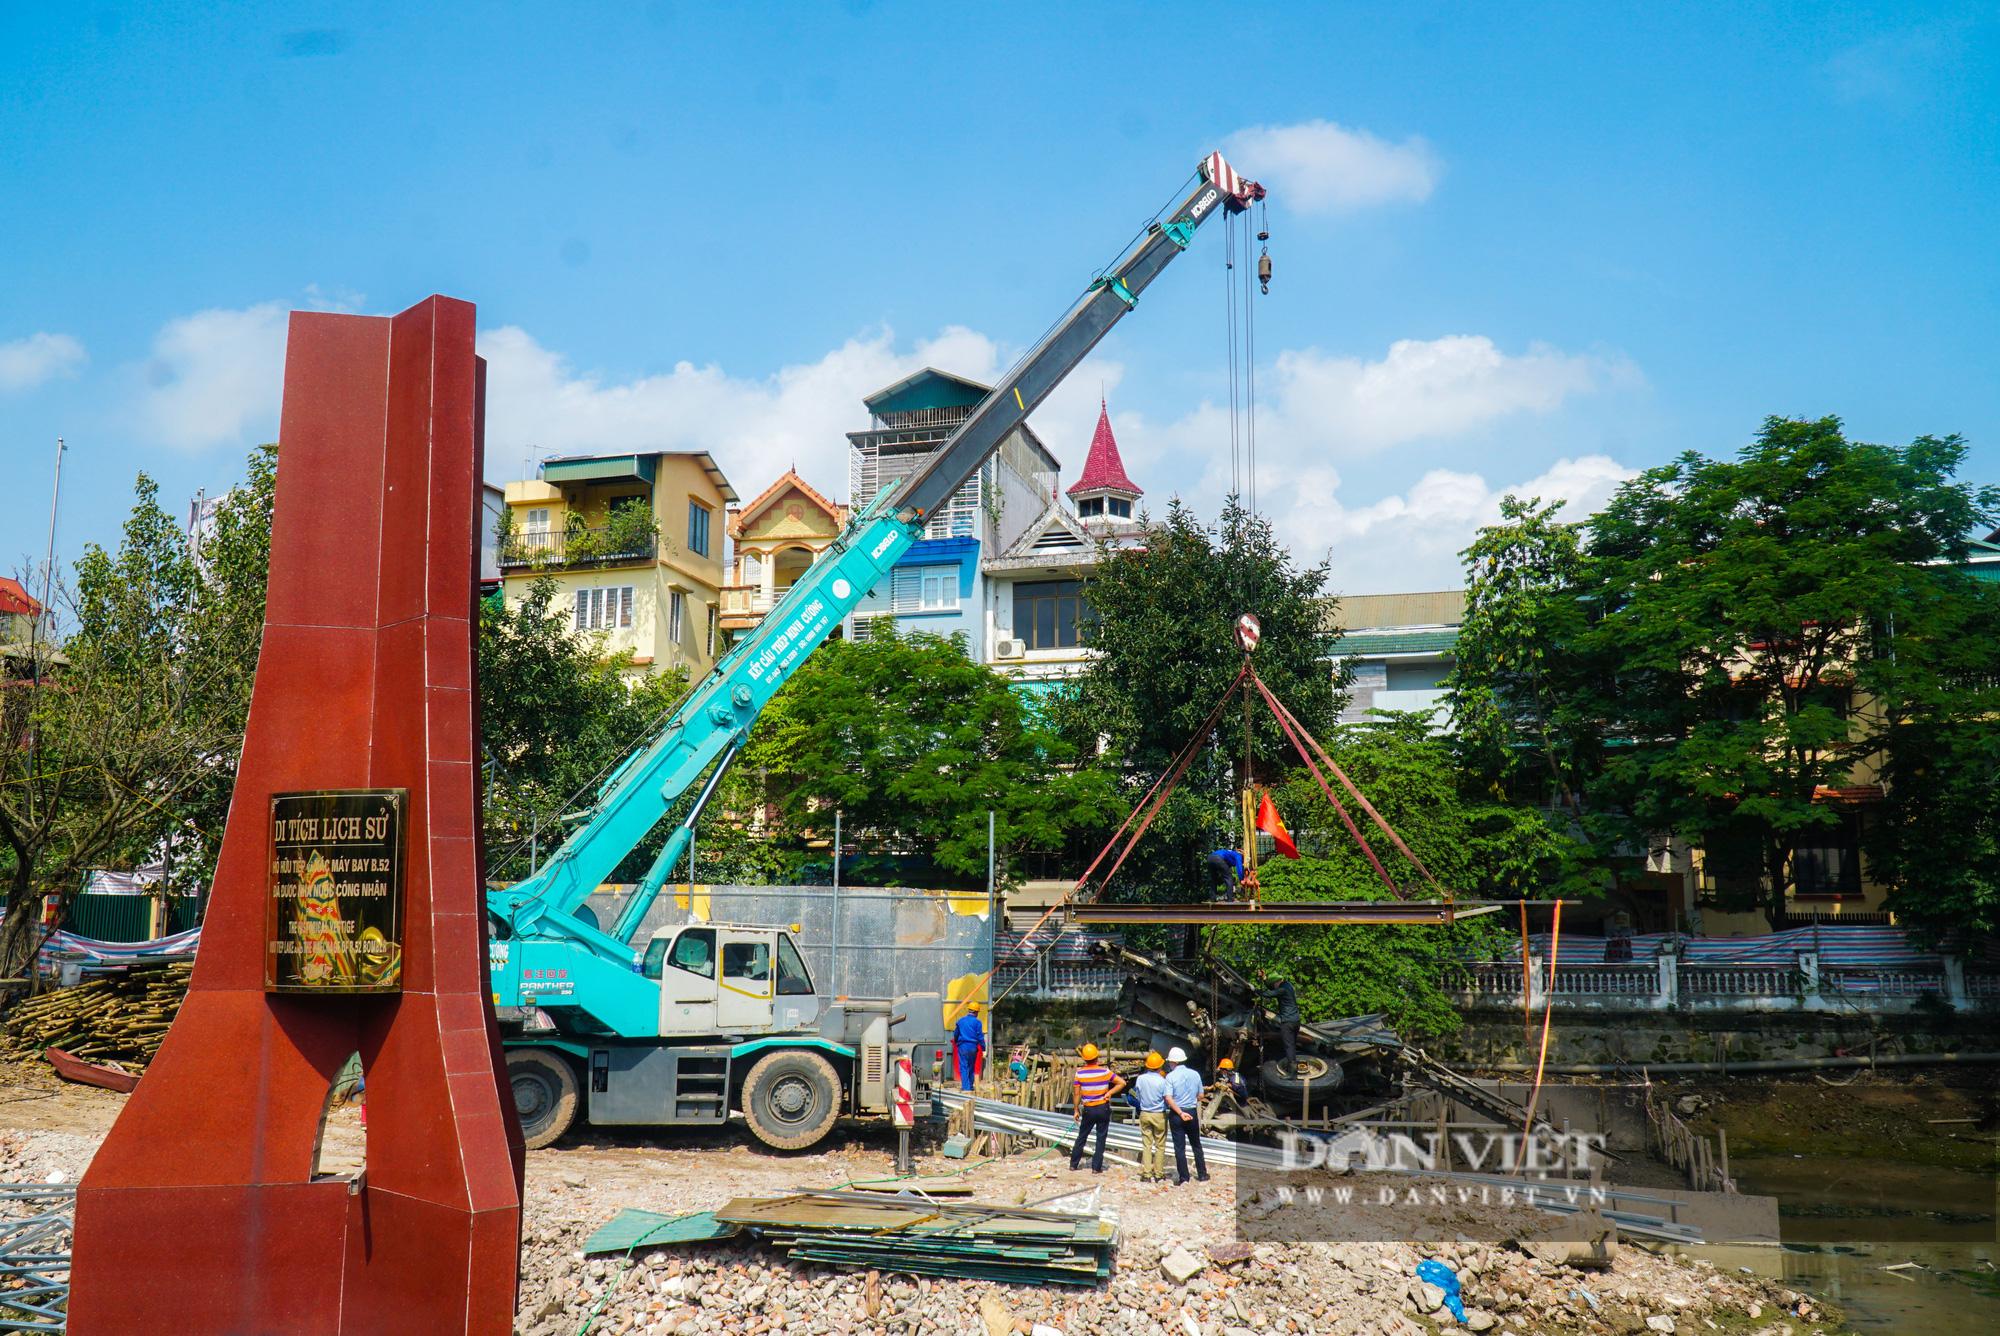 Pháo đài B52 dưới lòng hồ Hà Nội được nhấc bổng lên bờ để tu sửa - Ảnh 1.